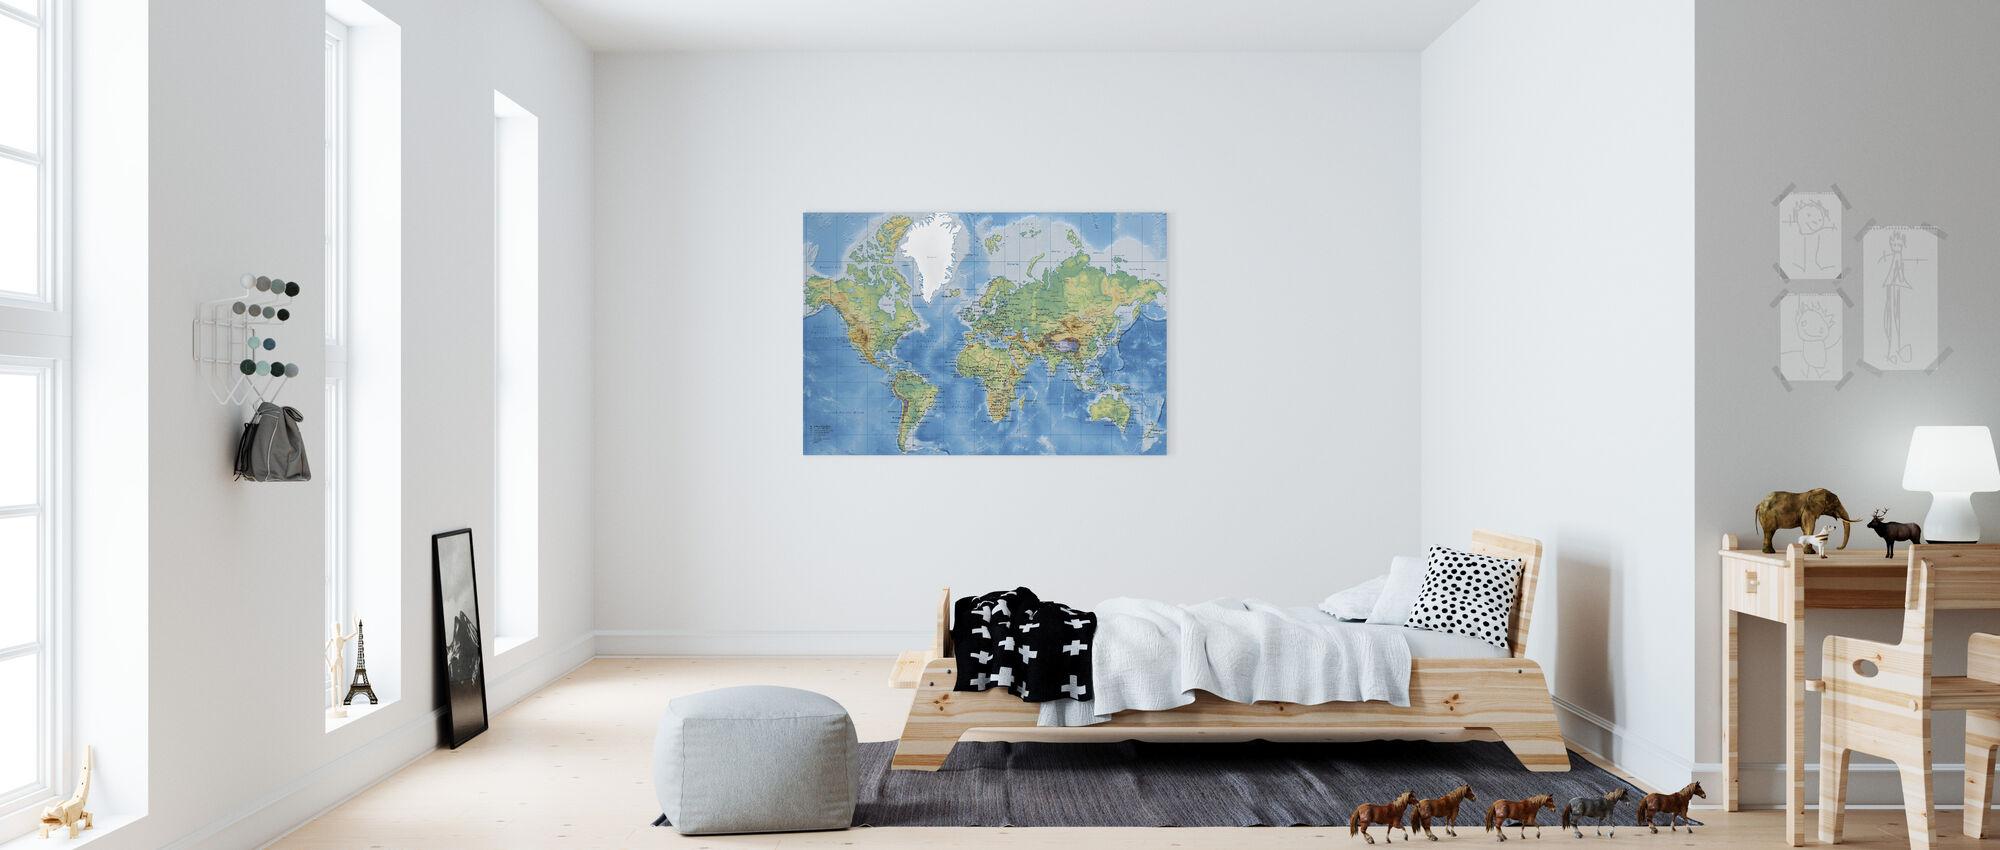 Carte du monde détaillée - Impression sur toile - Chambre des enfants